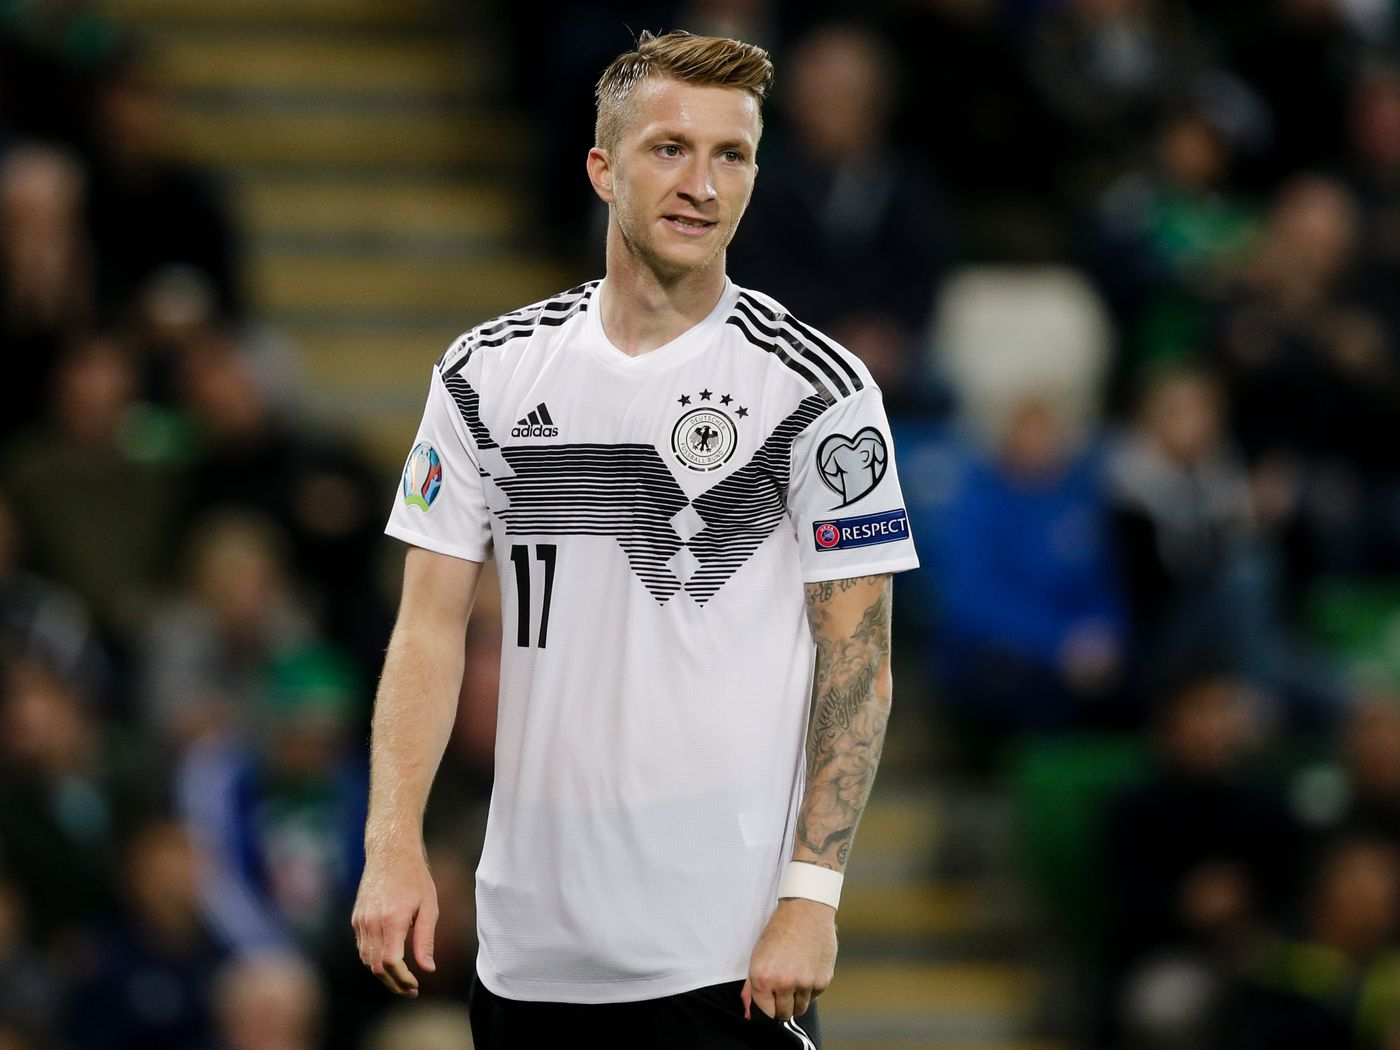 วิเคราะห์ฟุตบอล กระชับมิตรทีมชาติ | ทีมชาติเยอรมัน vs ทีมชาติอาร์เจนตินา 09/10/19